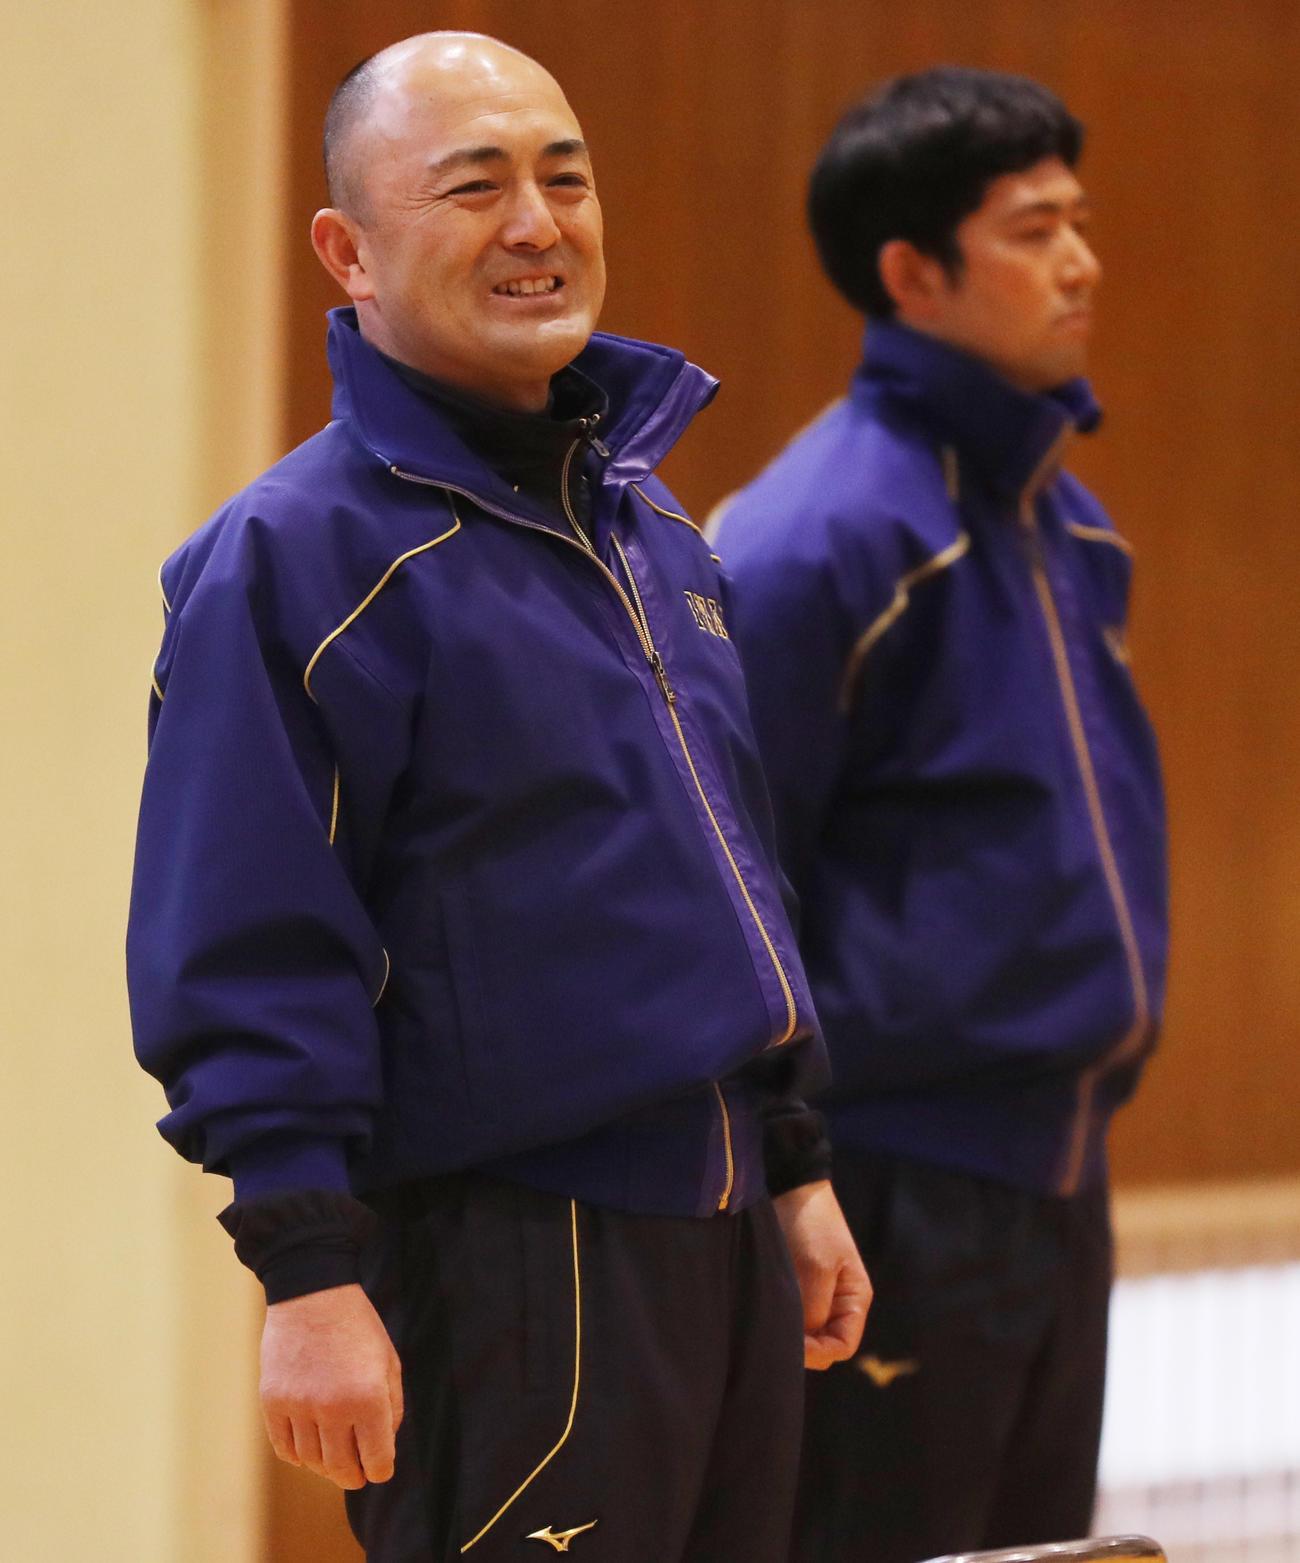 ユニホーム贈呈を終え、選手に声をかける磐城・木村監督。後方は大場部長(撮影・野上伸悟)